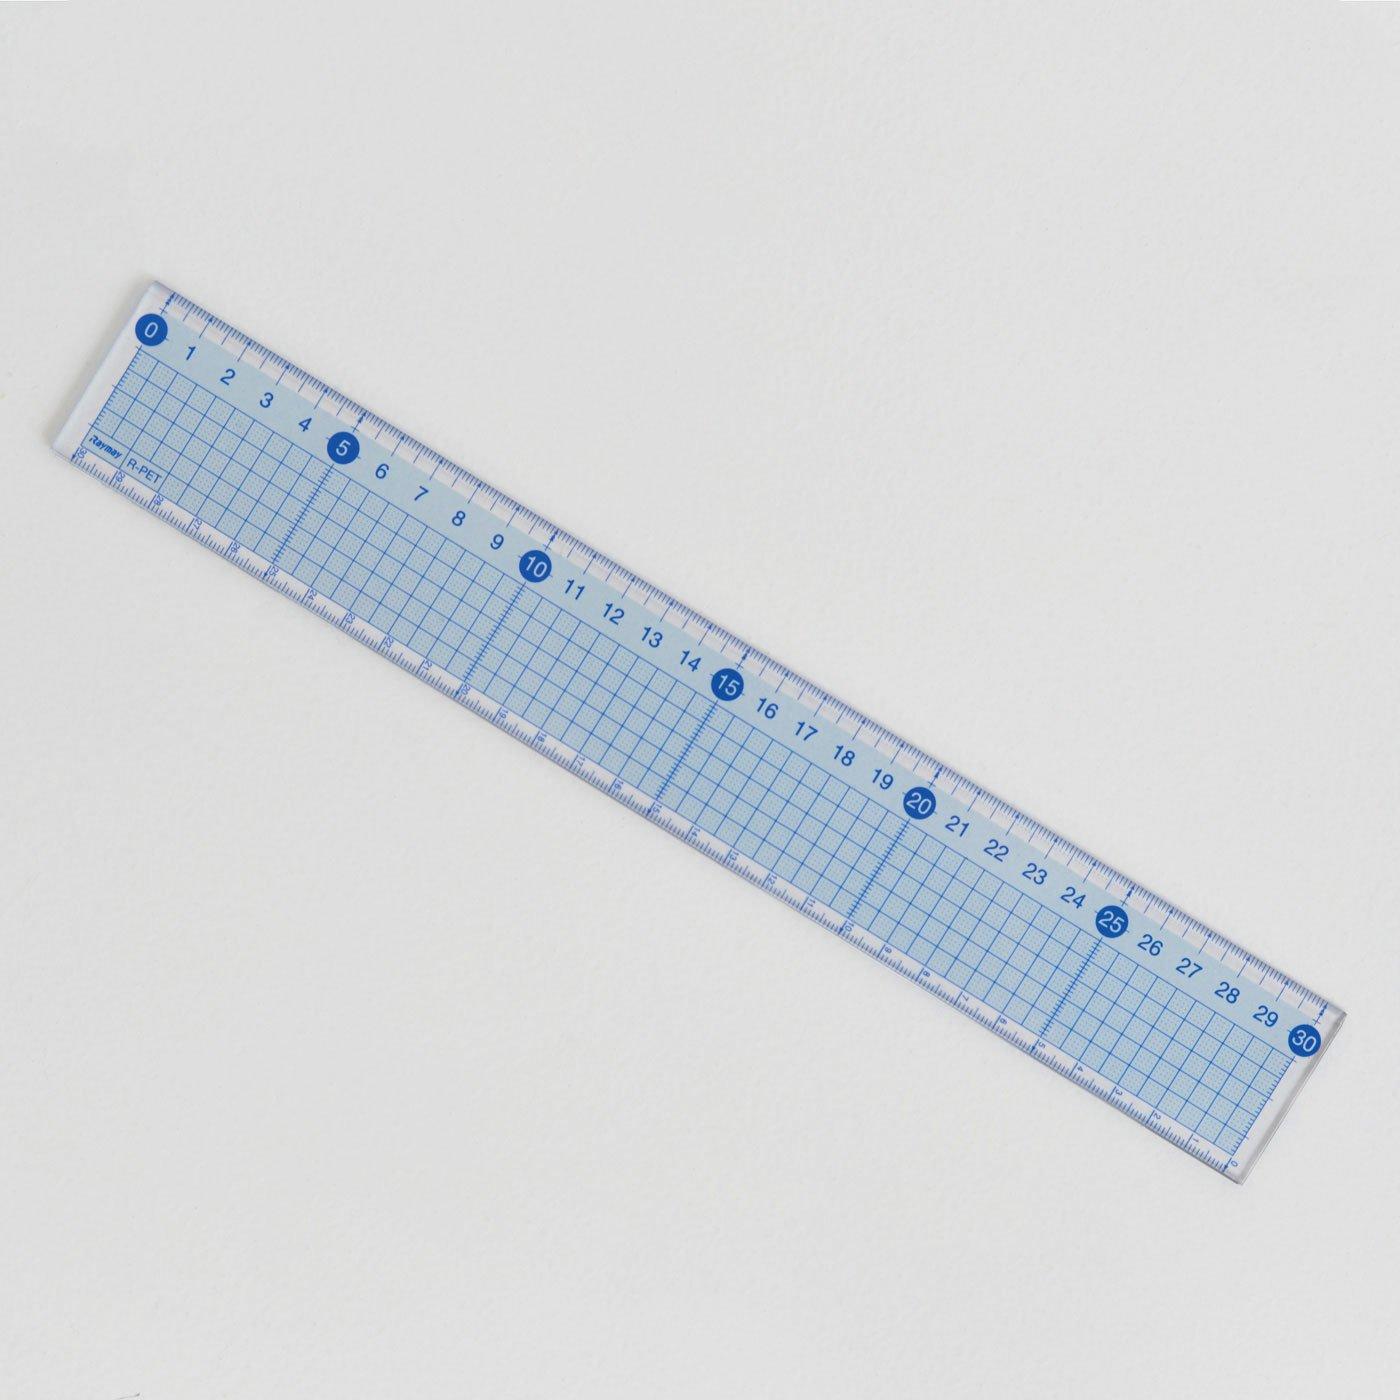 ステンレス付きでカッティングにぴったり! 段ボールクラフトにおすすめ30cmのカッティング定規(青)